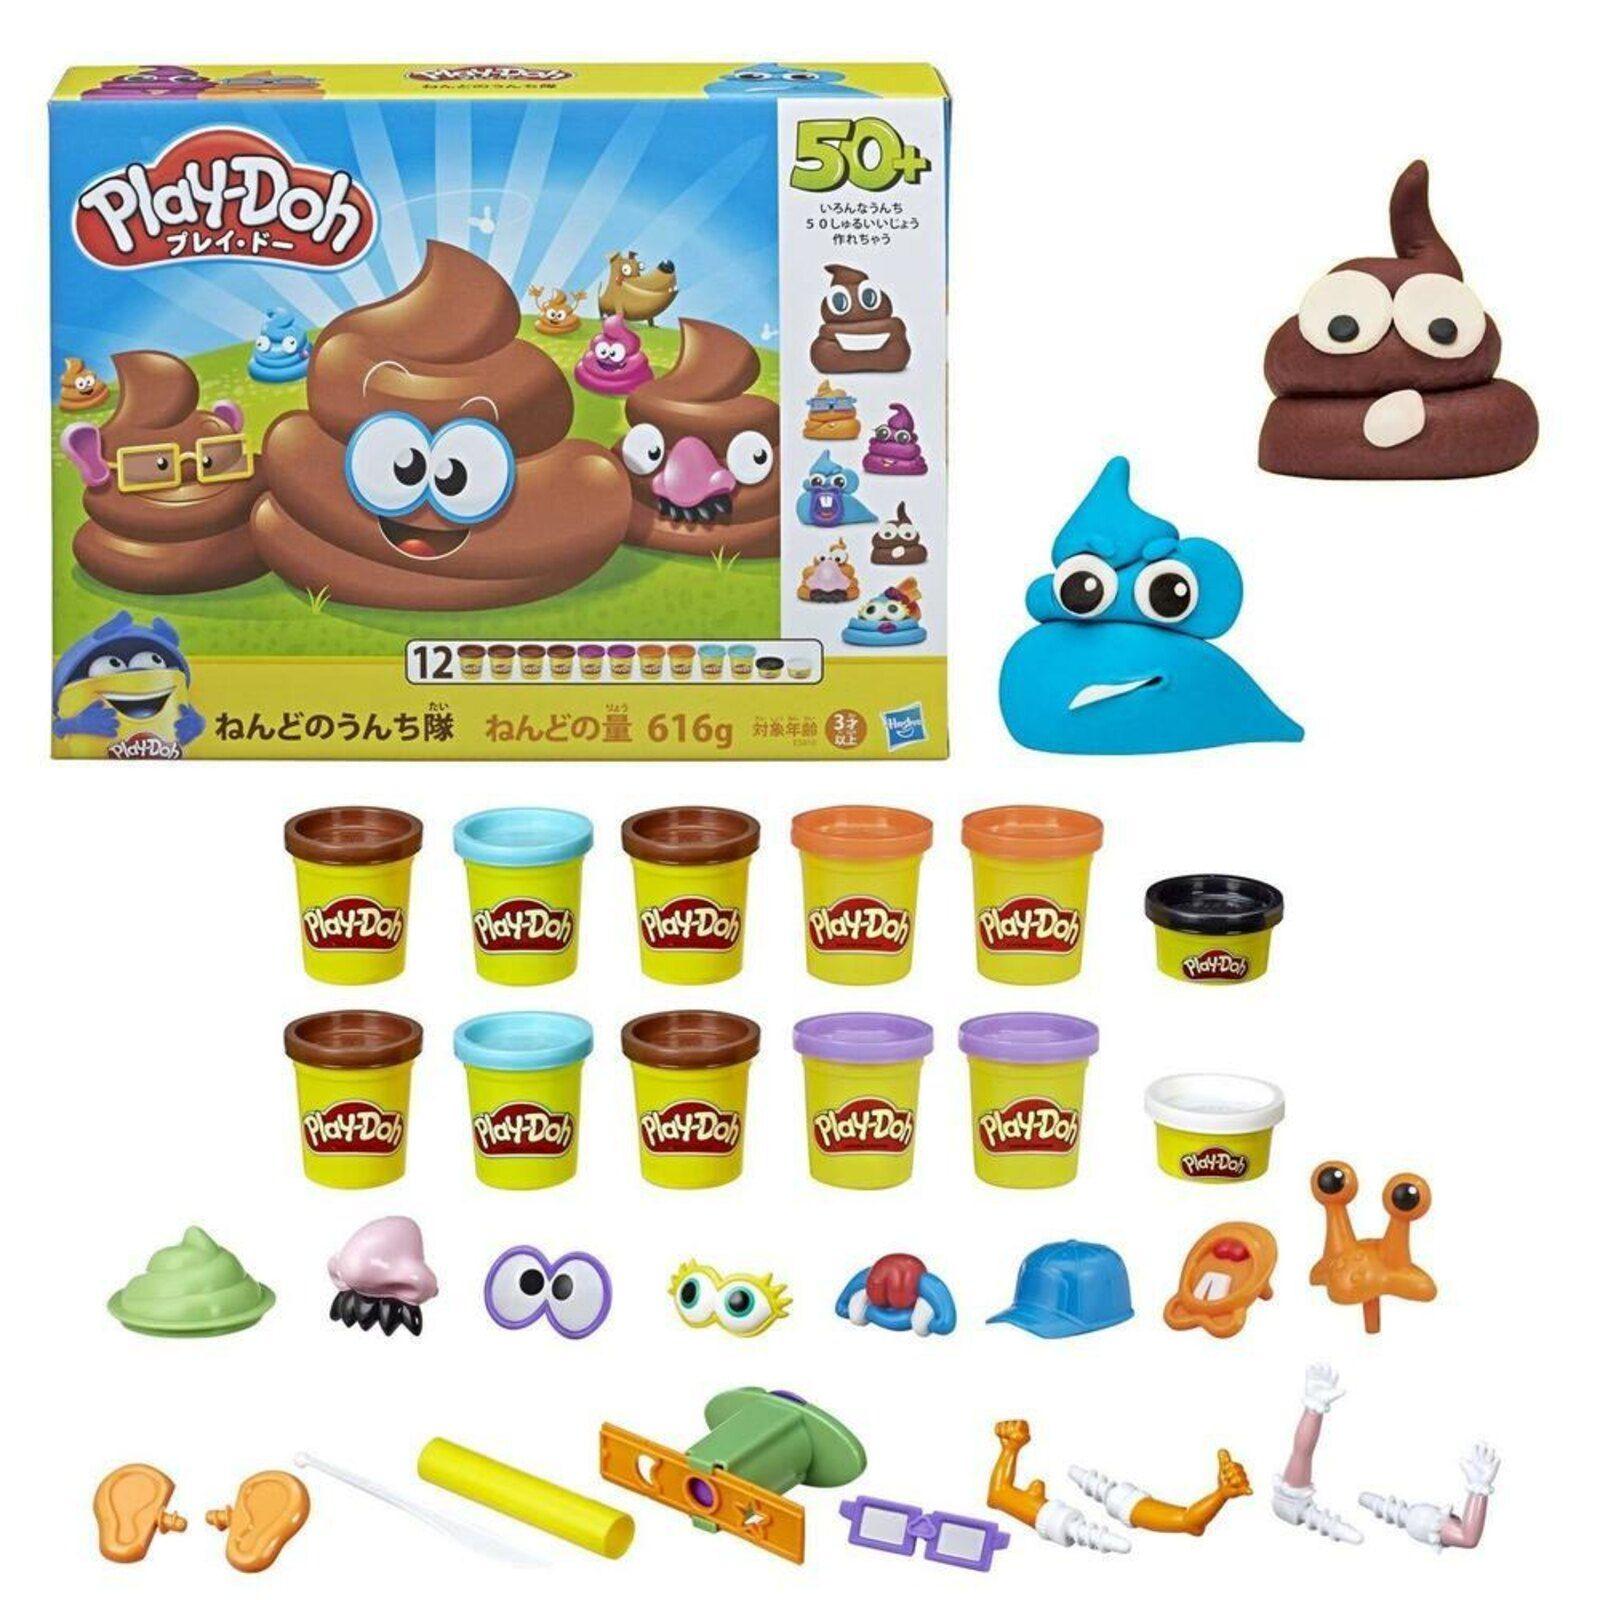 Play-Doh Massinha  - Caquinha Divertida  - Hasbro Original E5810